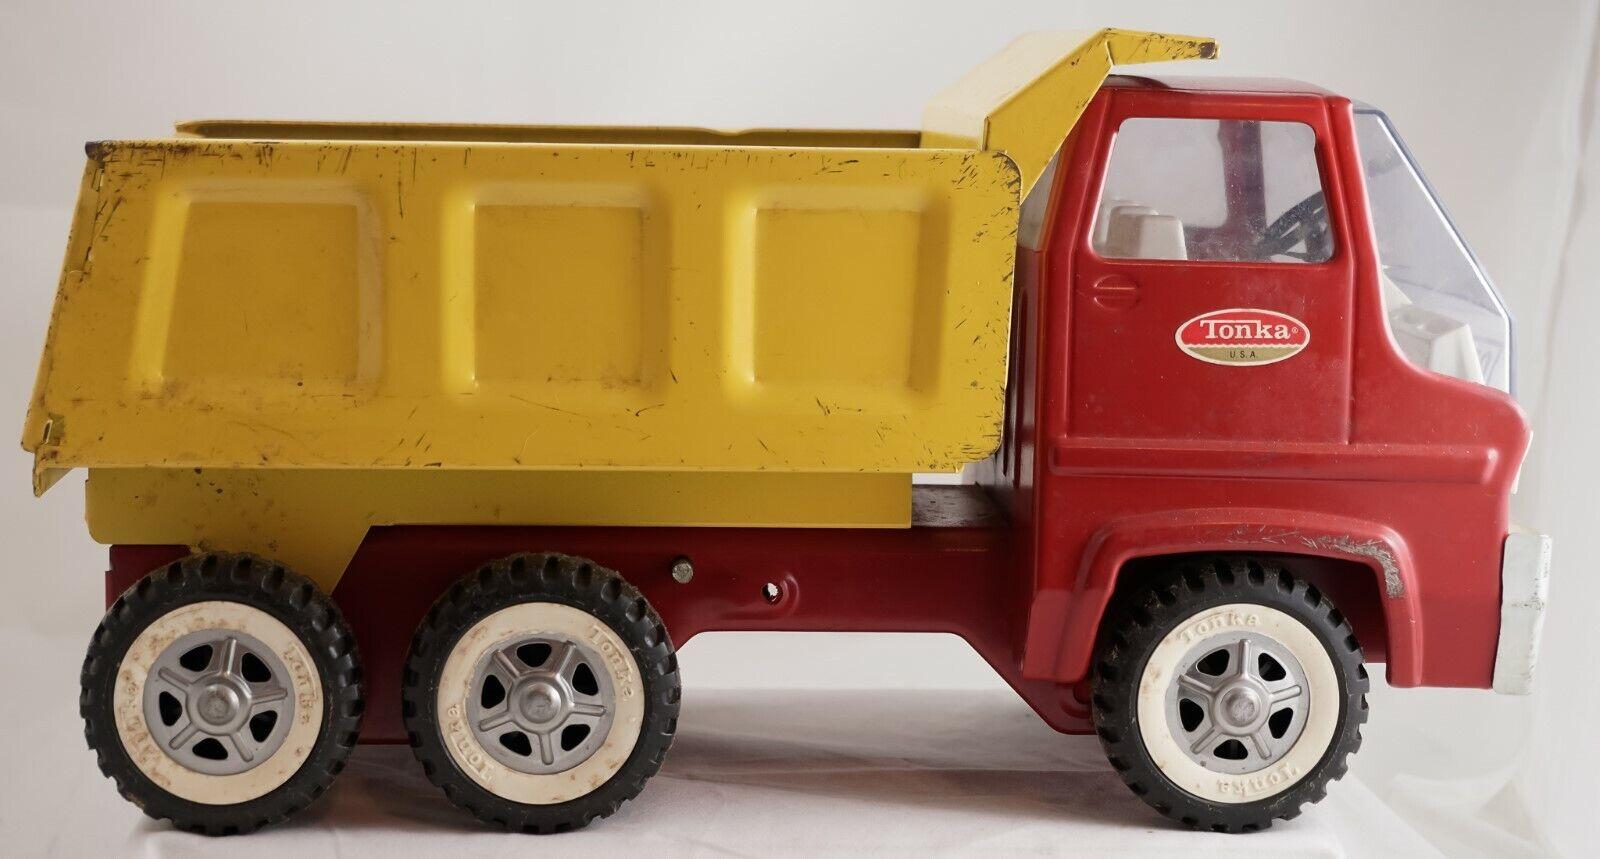 Venta barata Tonka Vintage Rojo y Amarillo Manual Camión Camión Camión 1970 o 1971 Neumáticos Dual 14   venta con descuento